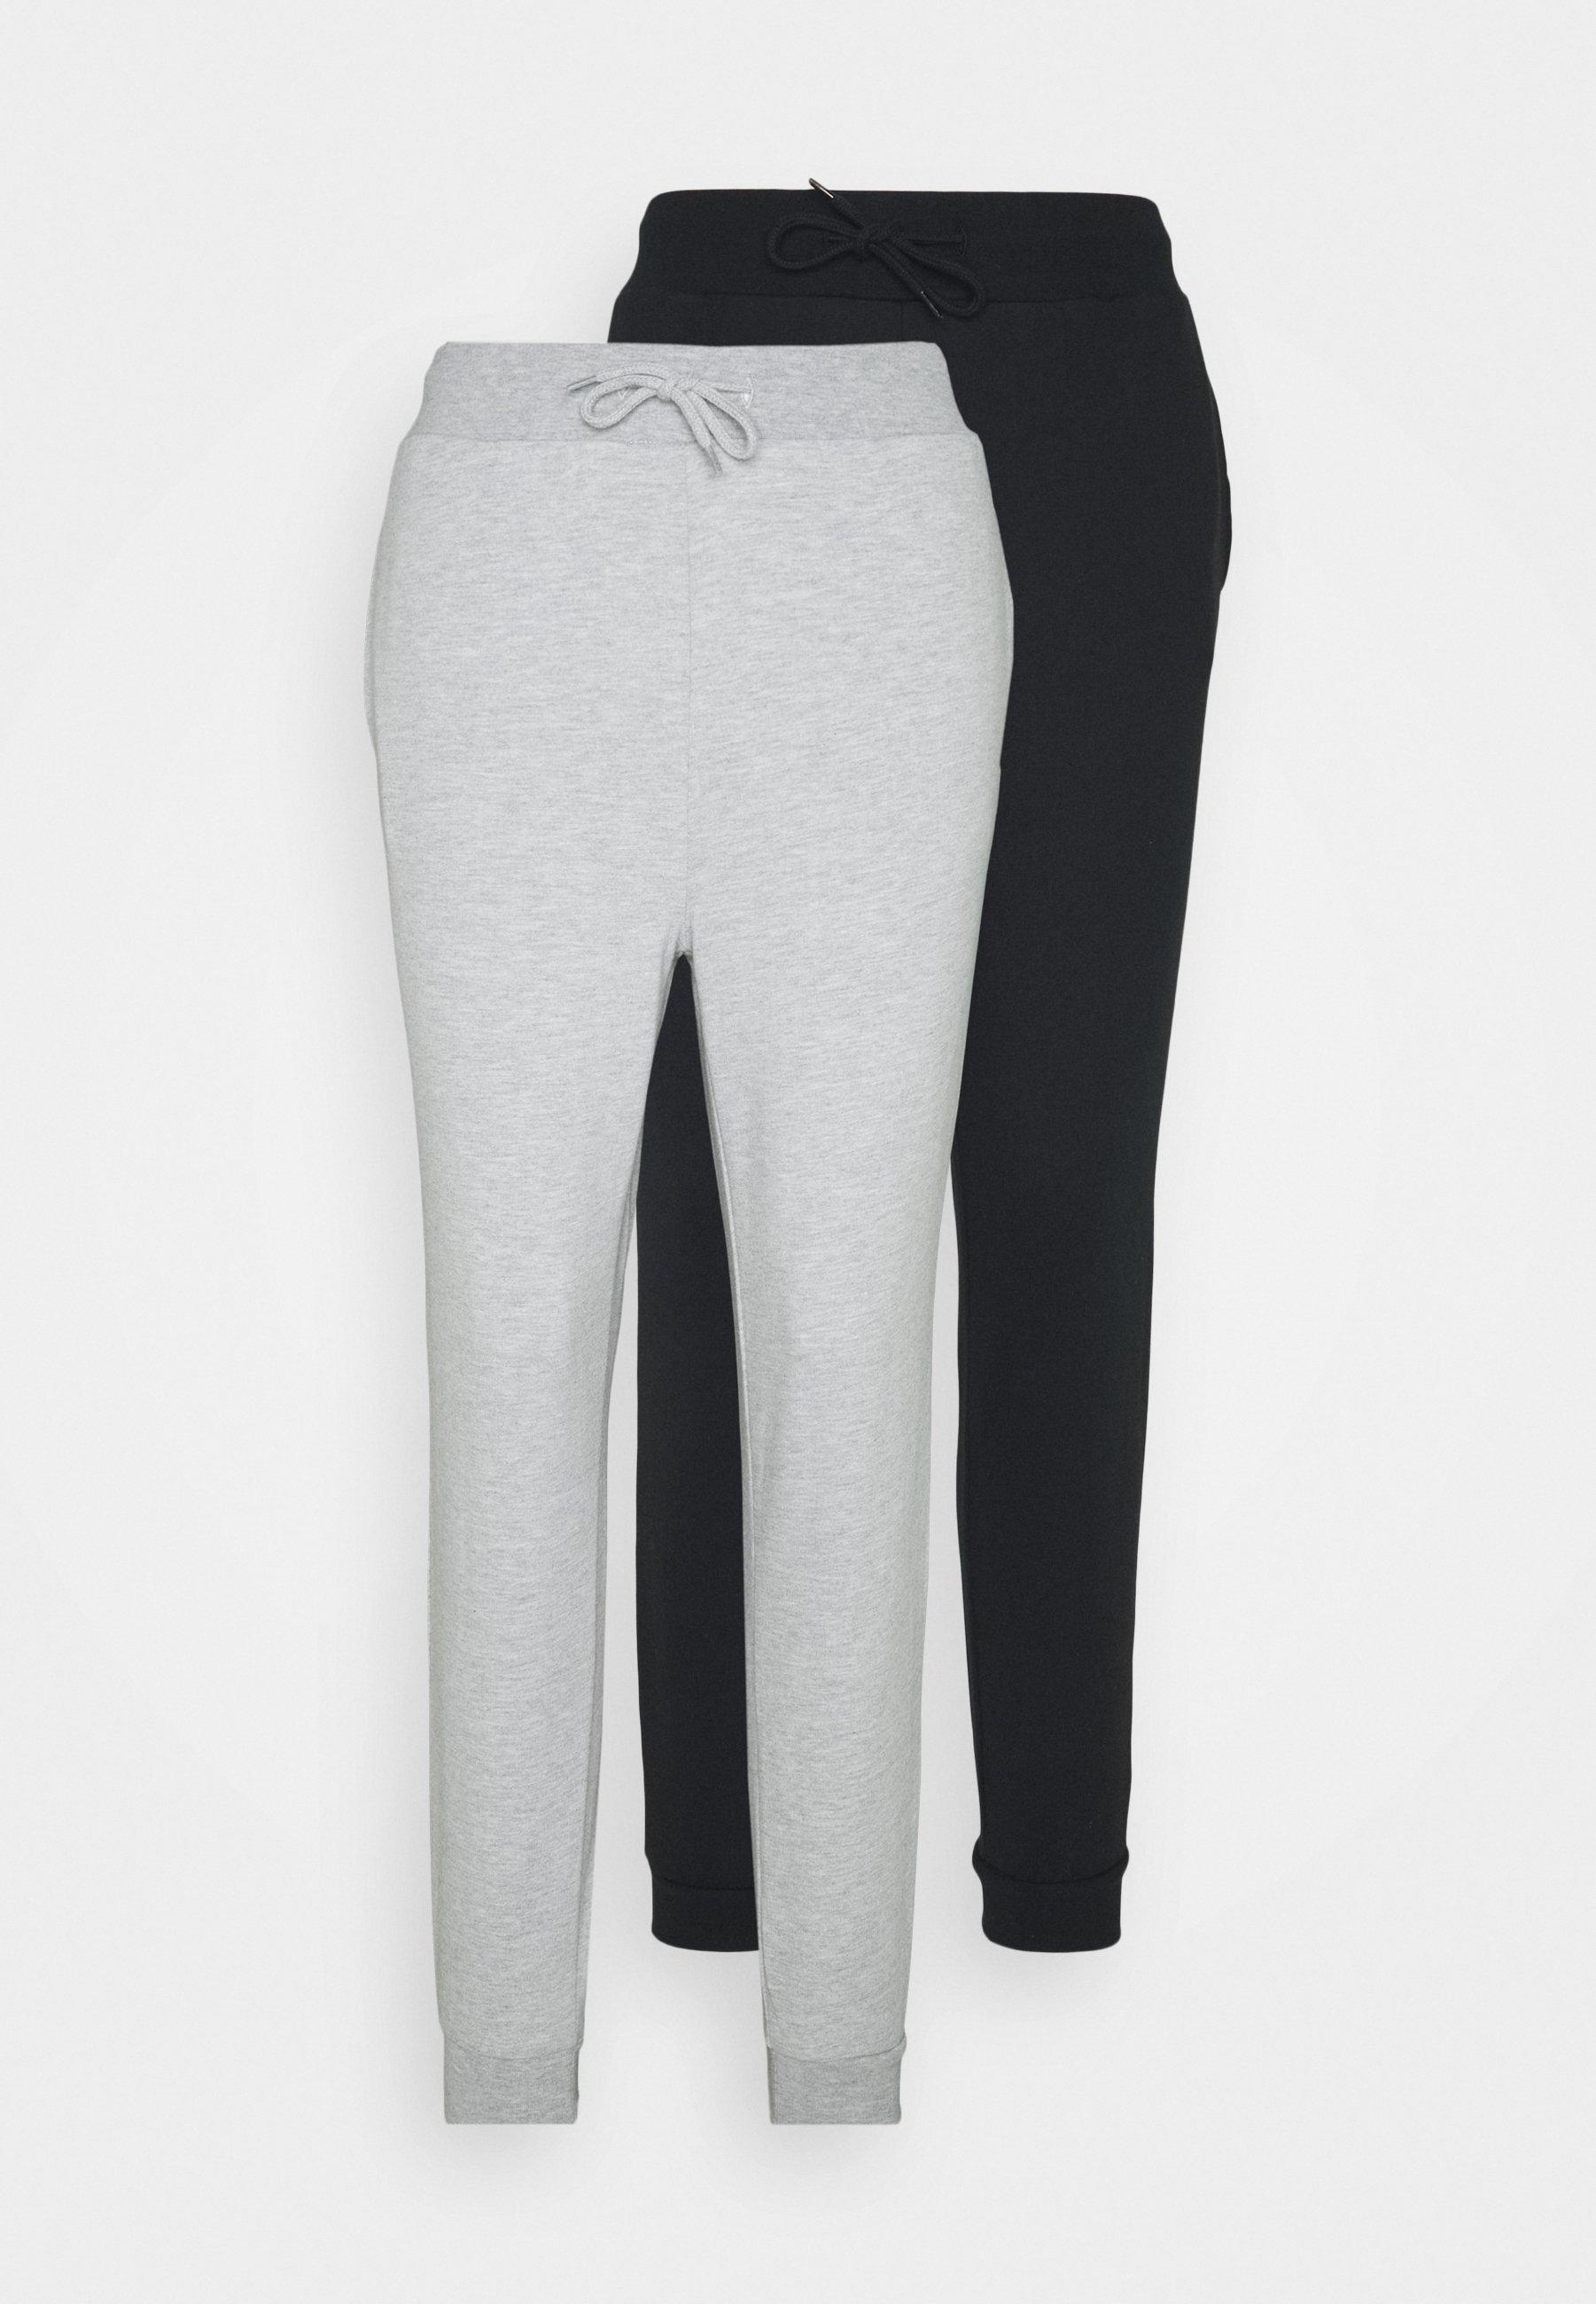 Damen 2er PACK - Slim fit joggers - Jogginghose